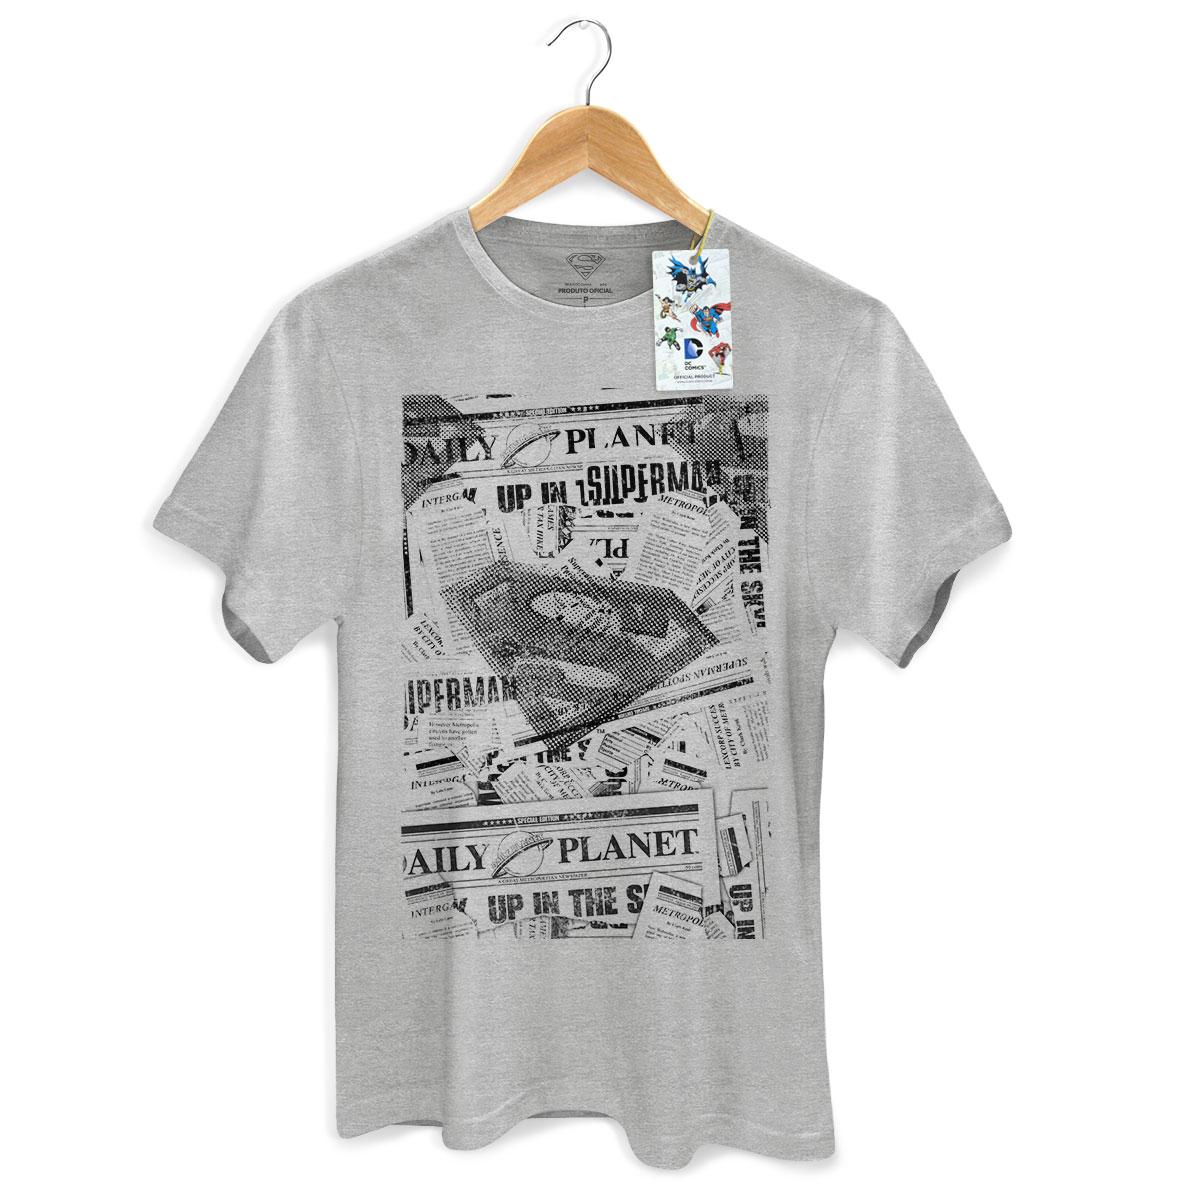 Camiseta Masculina Superman Planeta Diario